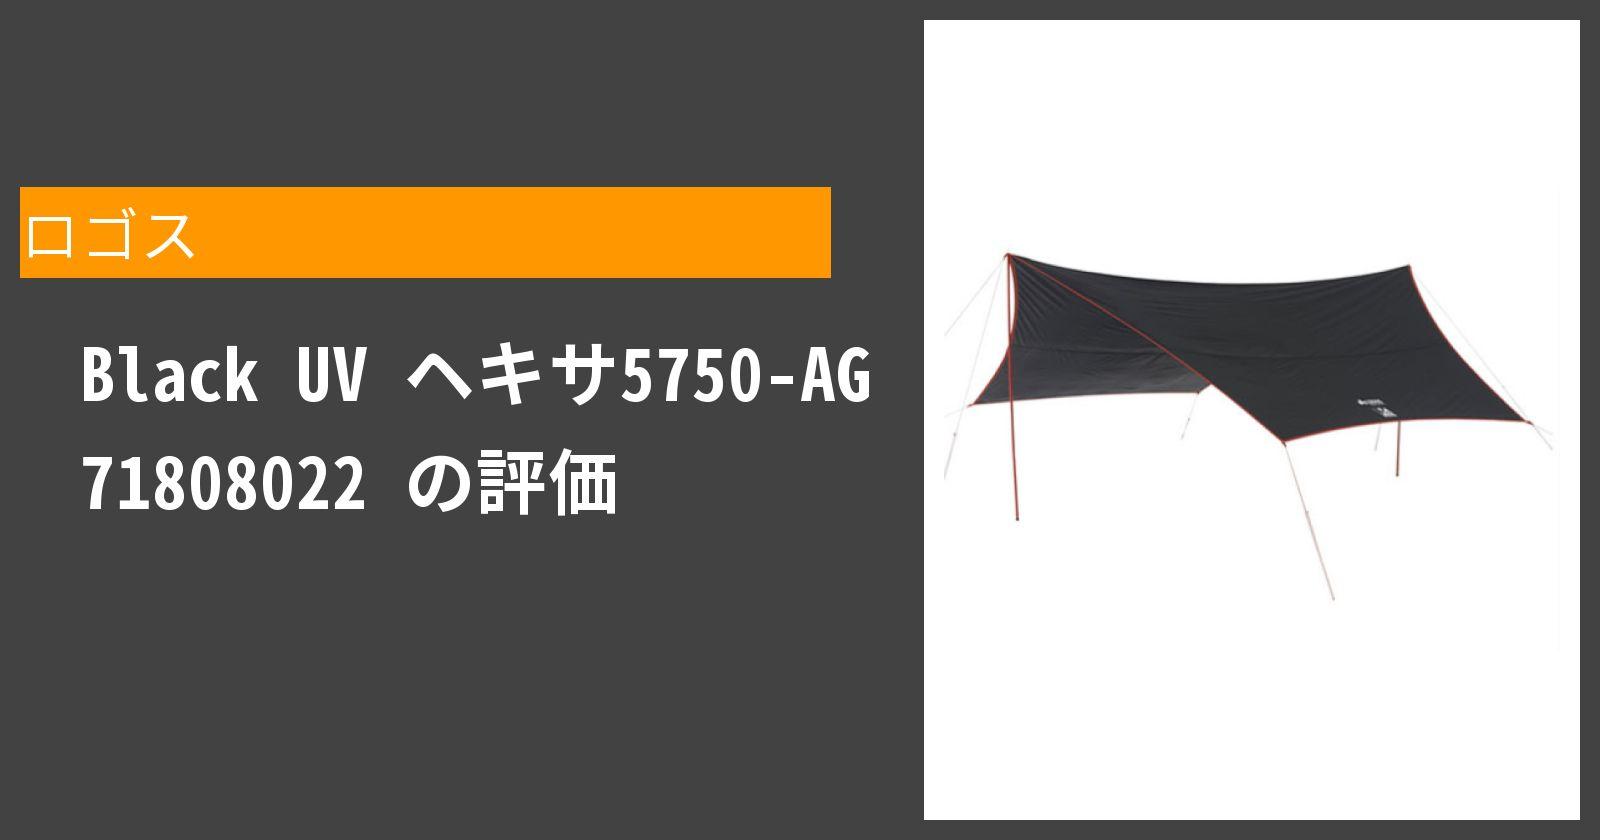 Black UV ヘキサ5750-AG 71808022を徹底評価